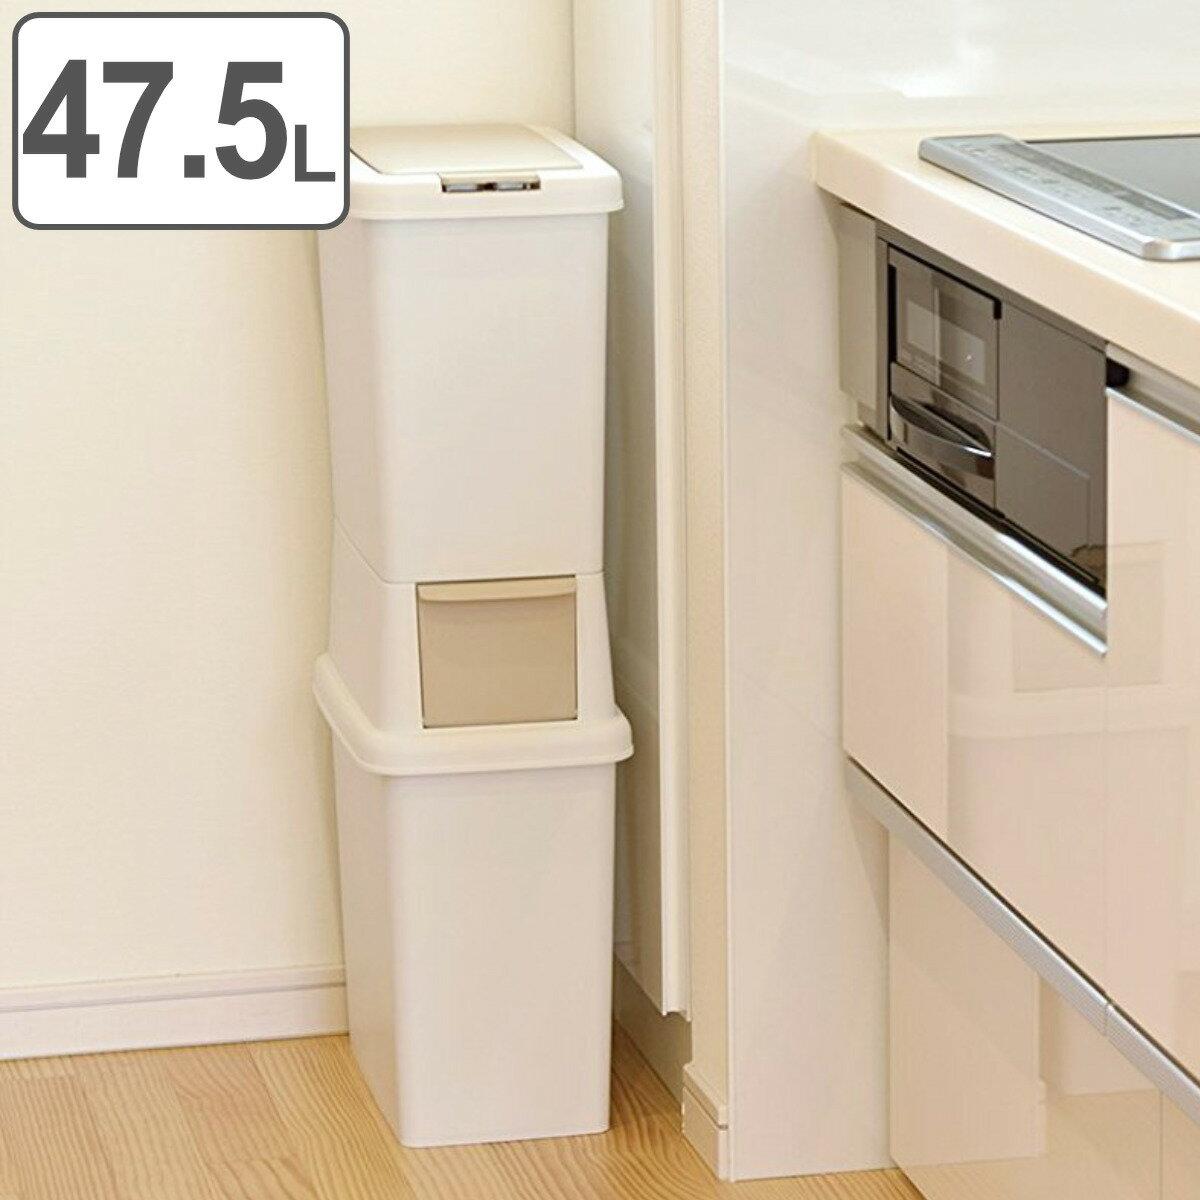 分別ゴミ箱 2段 ダストボックスファイン スリム 47.5L